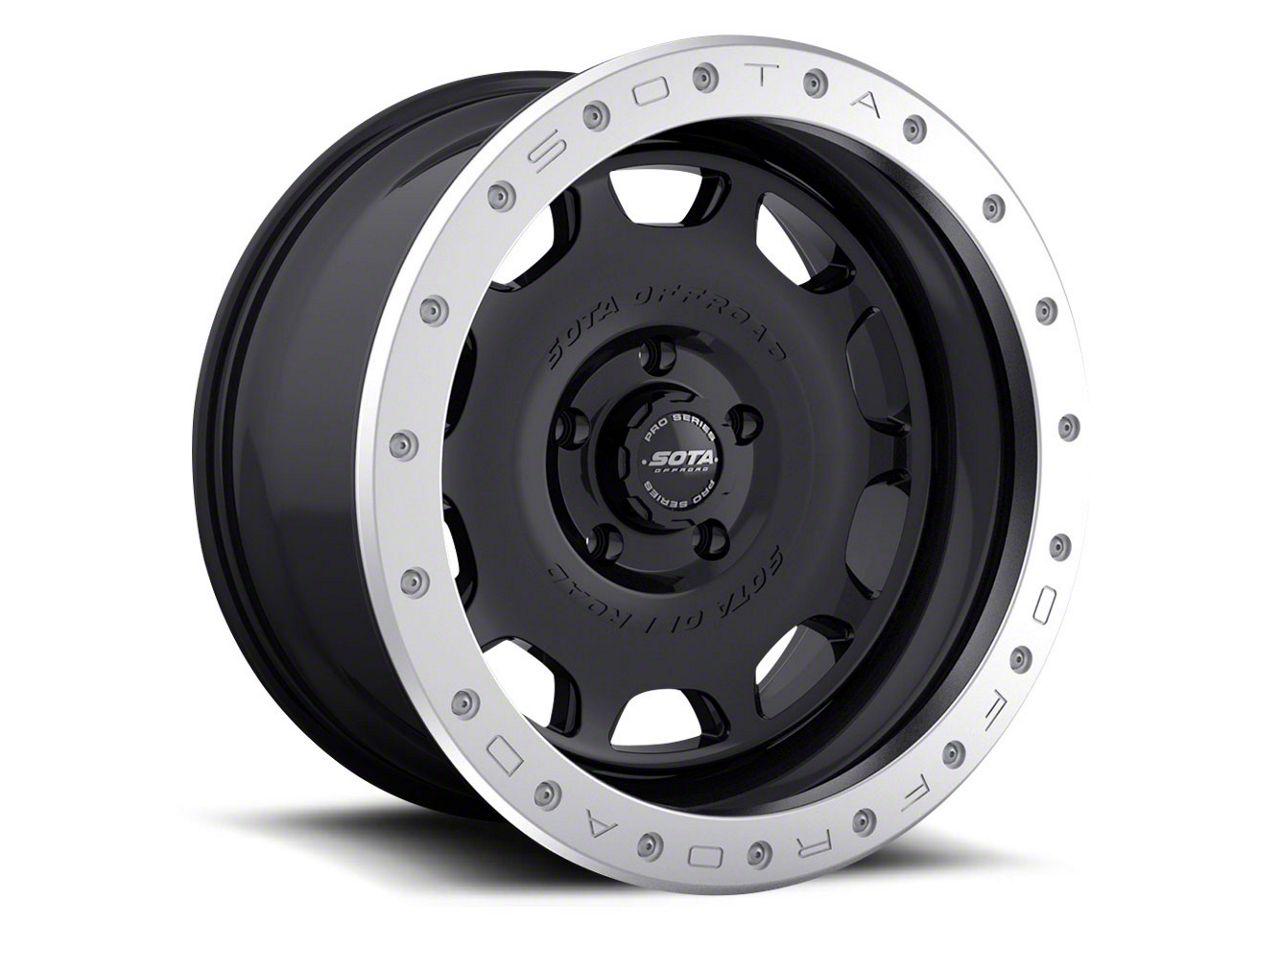 SOTA Off Road D.R.T. Stealth Black 5-Lug Wheel - 20x10 (02-18 RAM 1500, Excluding Mega Cab)